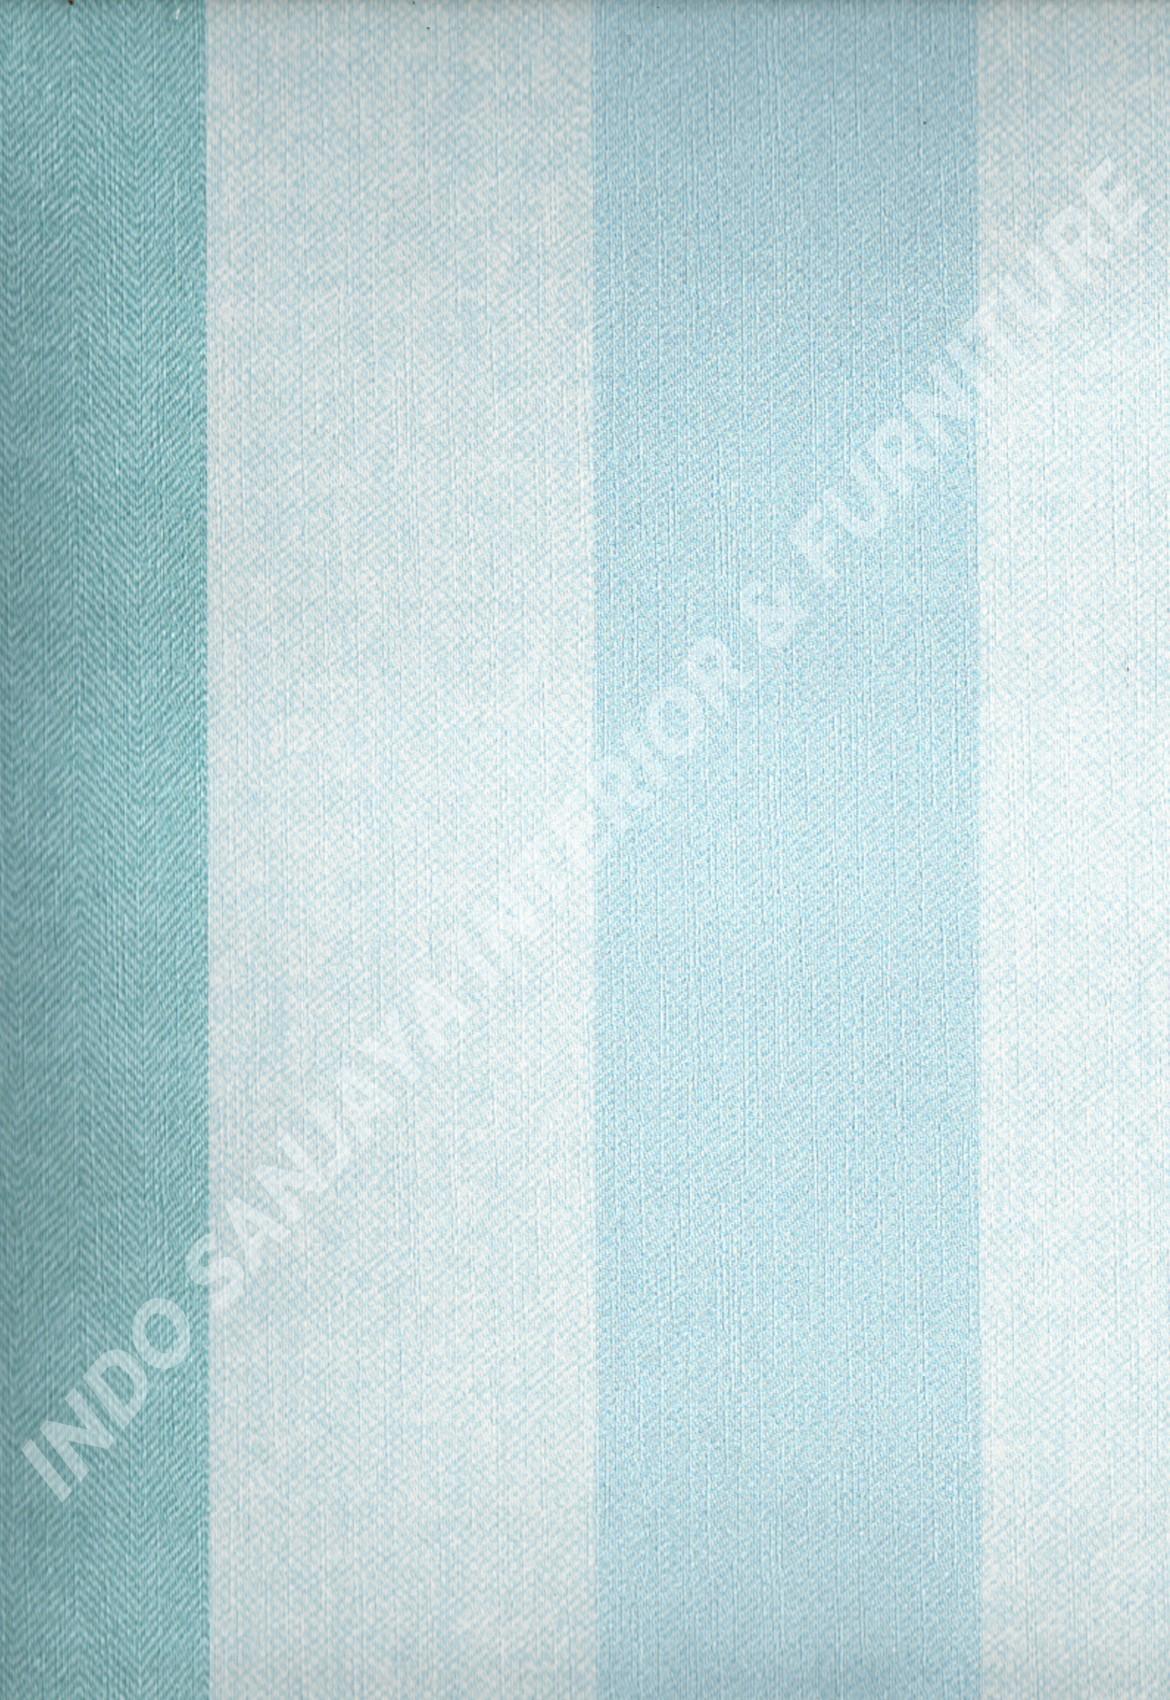 wallpaper   Wallpaper Garis GK007-2:GK007-2 corak  warna